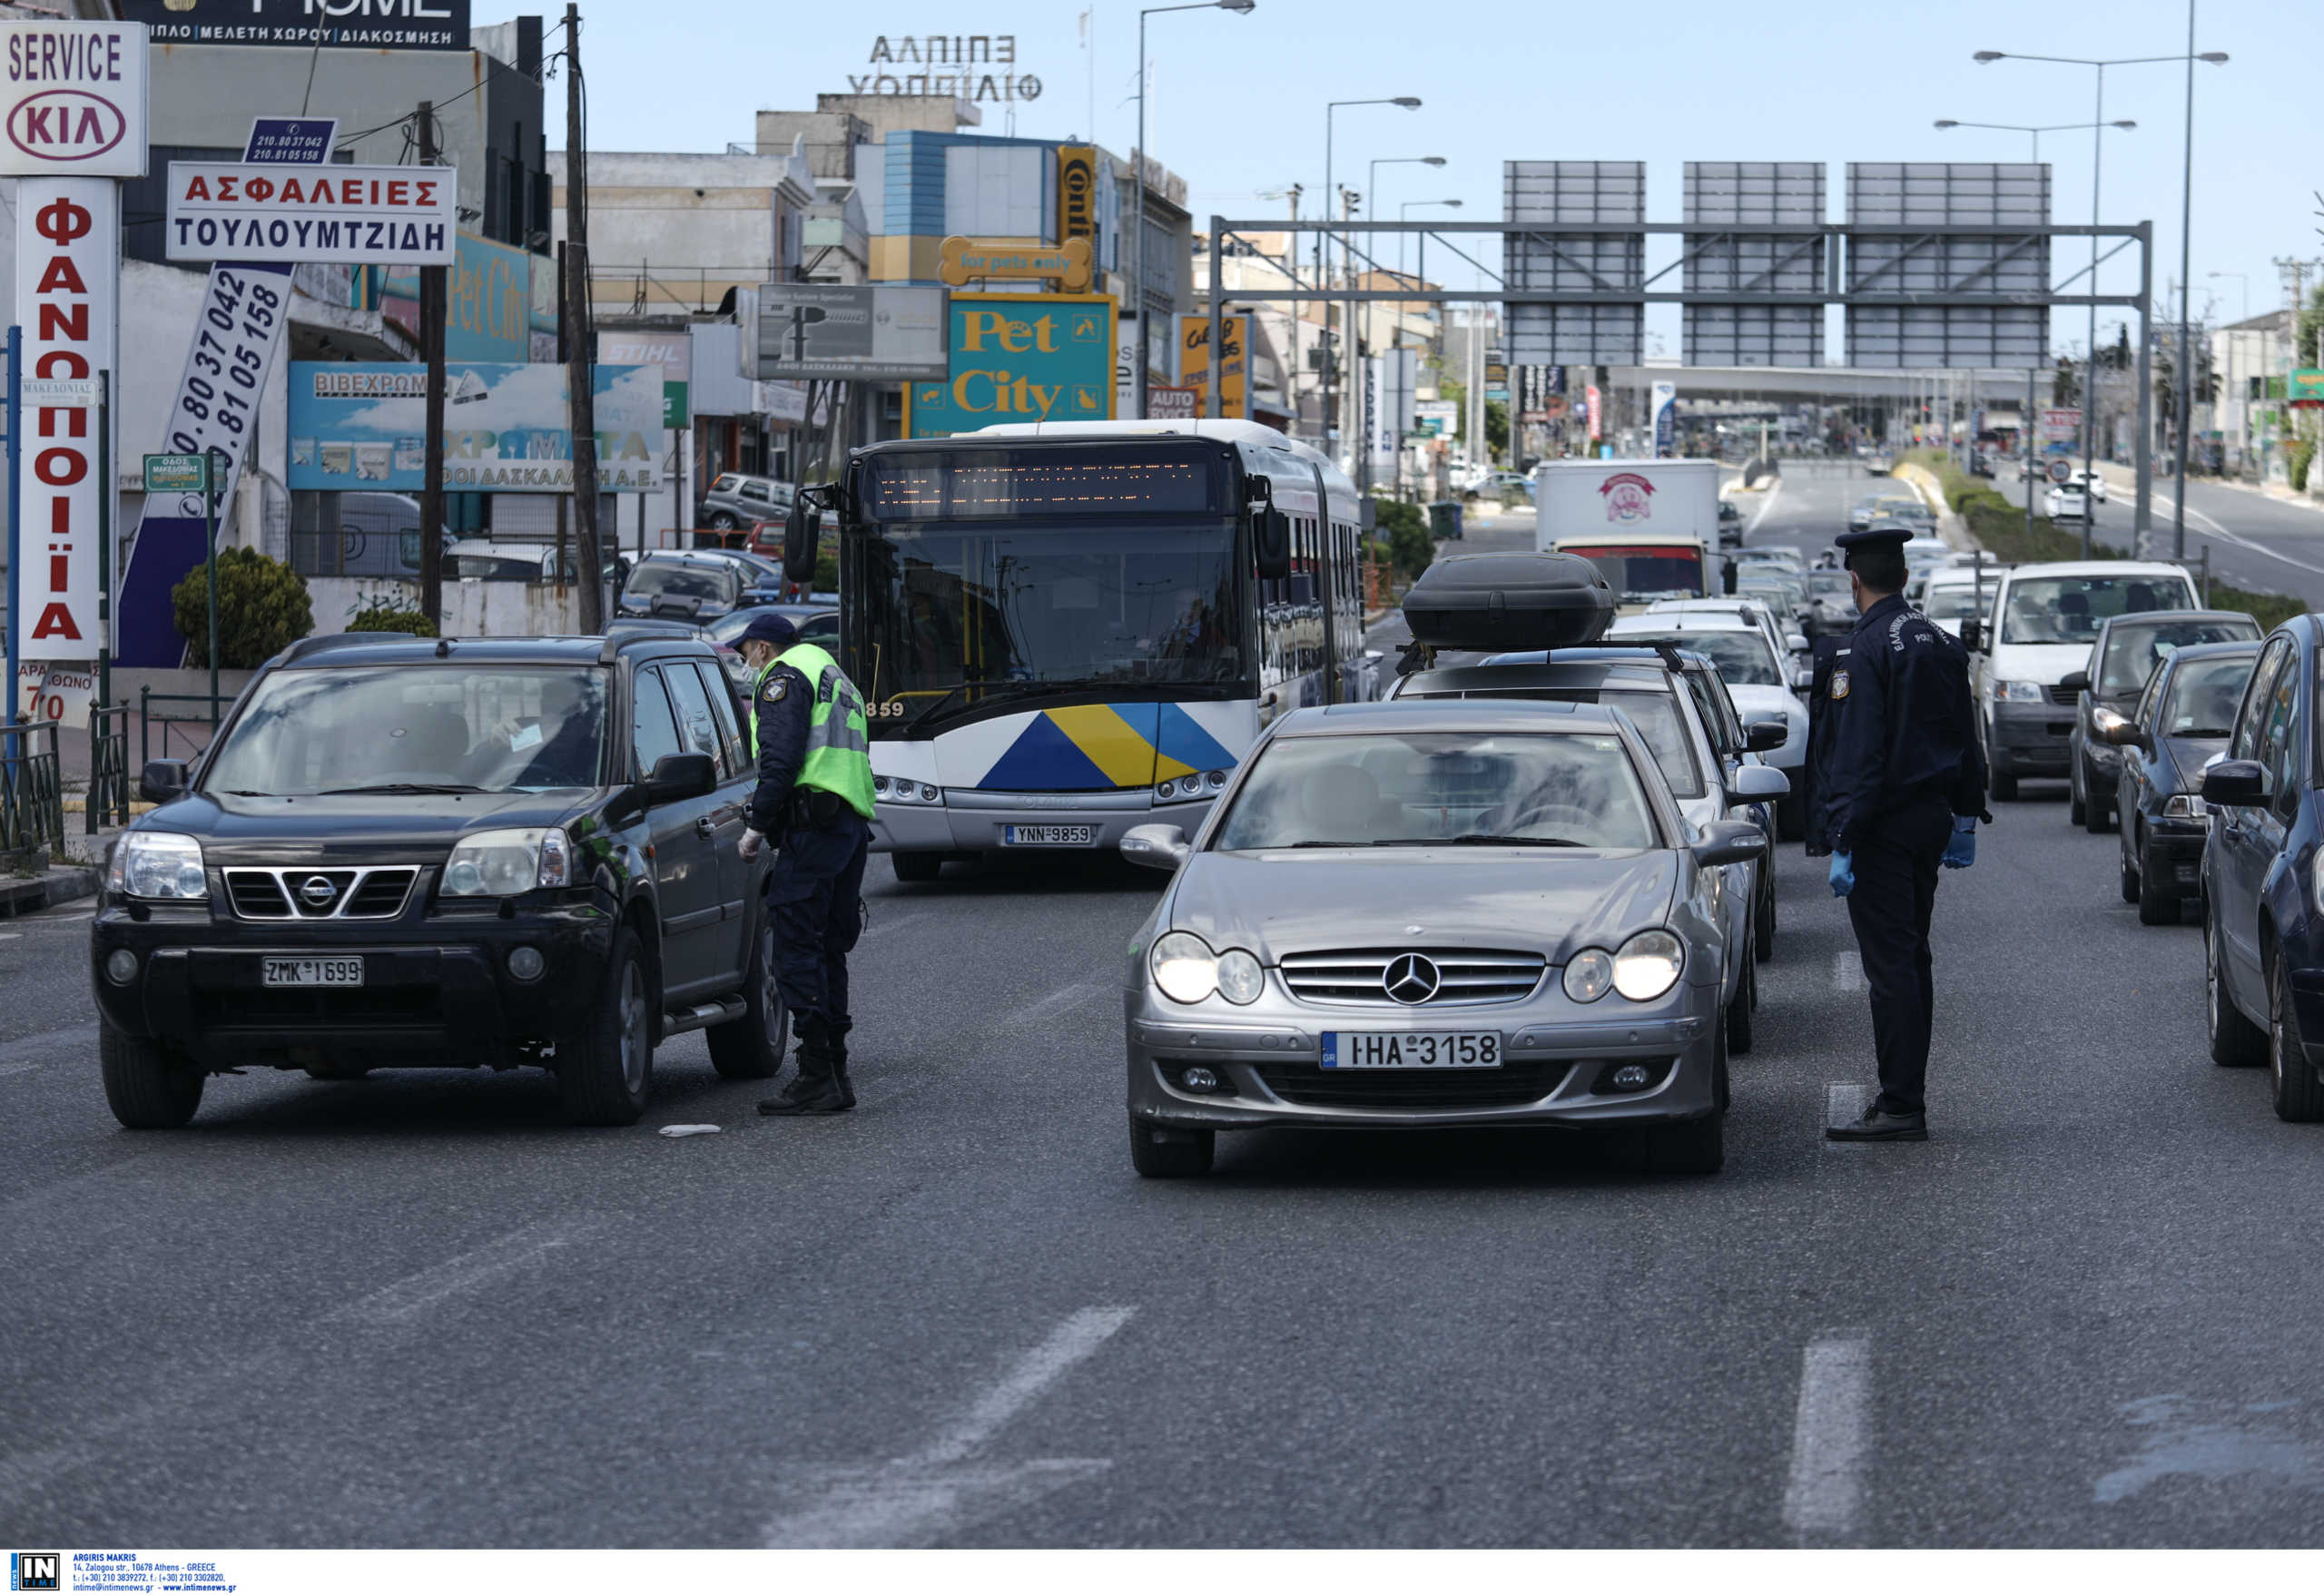 Αδιόρθωτοι οι Έλληνες – 471 παραβάσεις σε ένα τριήμερο για οδήγηση υπό την επήρεια αλκοόλ